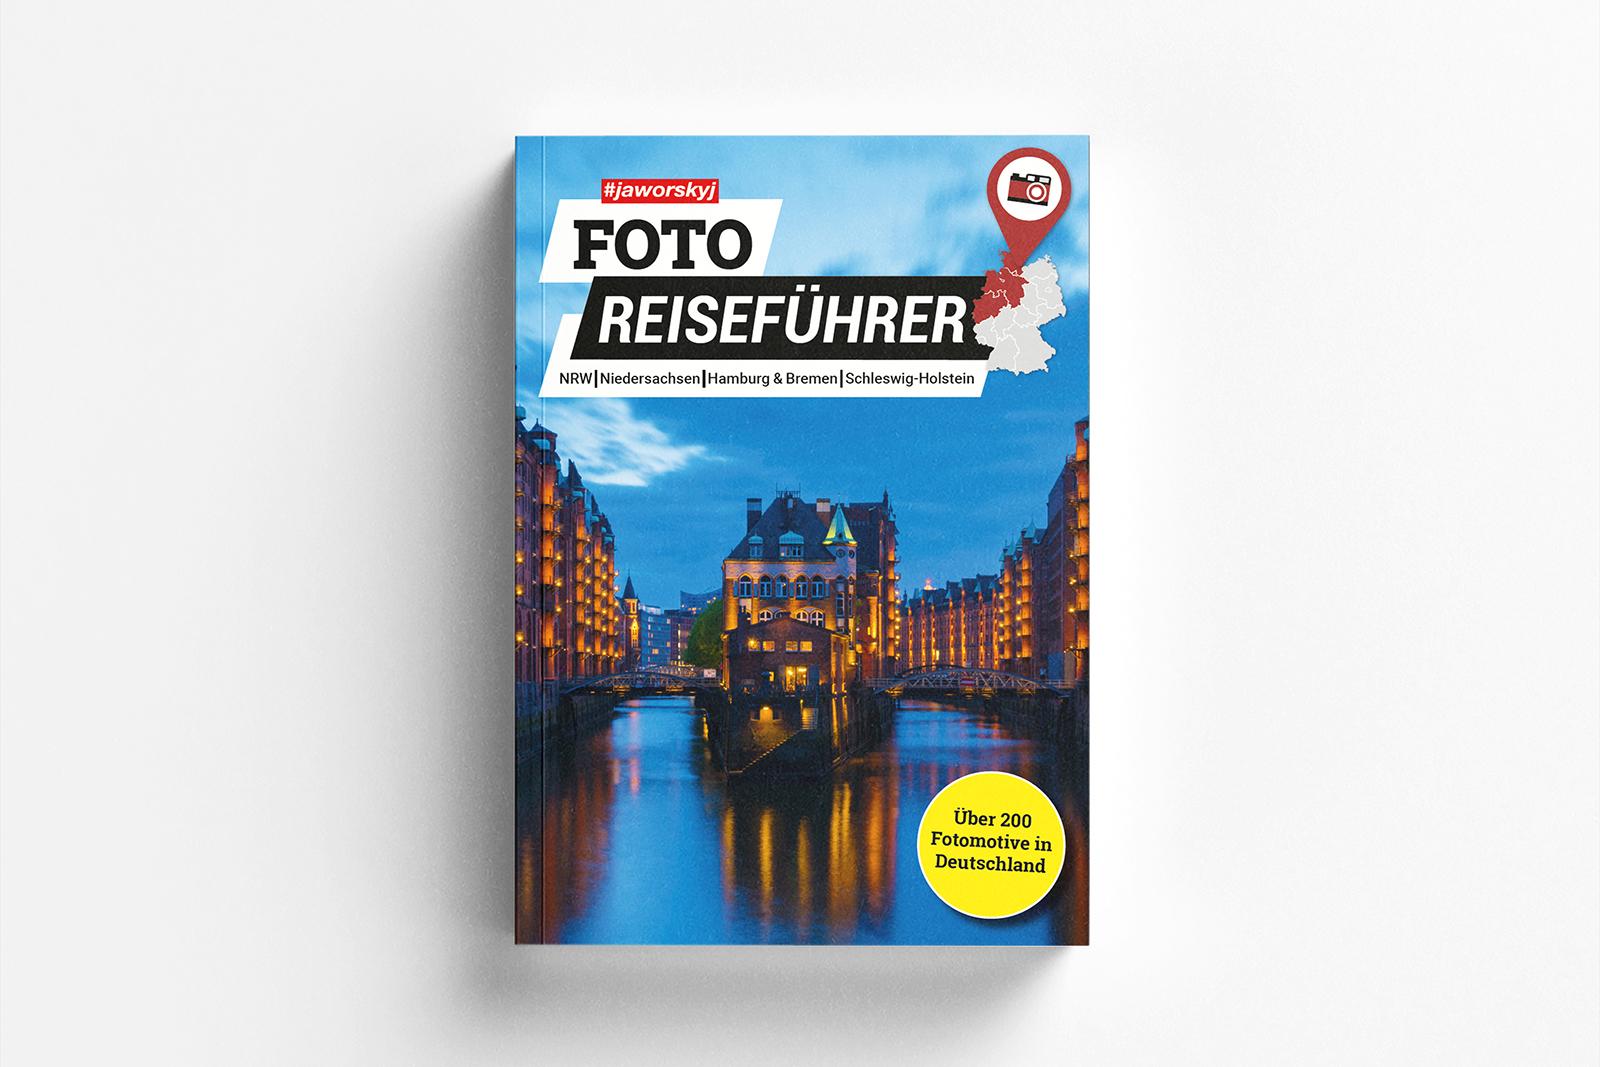 Jaworskyj Foto Reiseführer